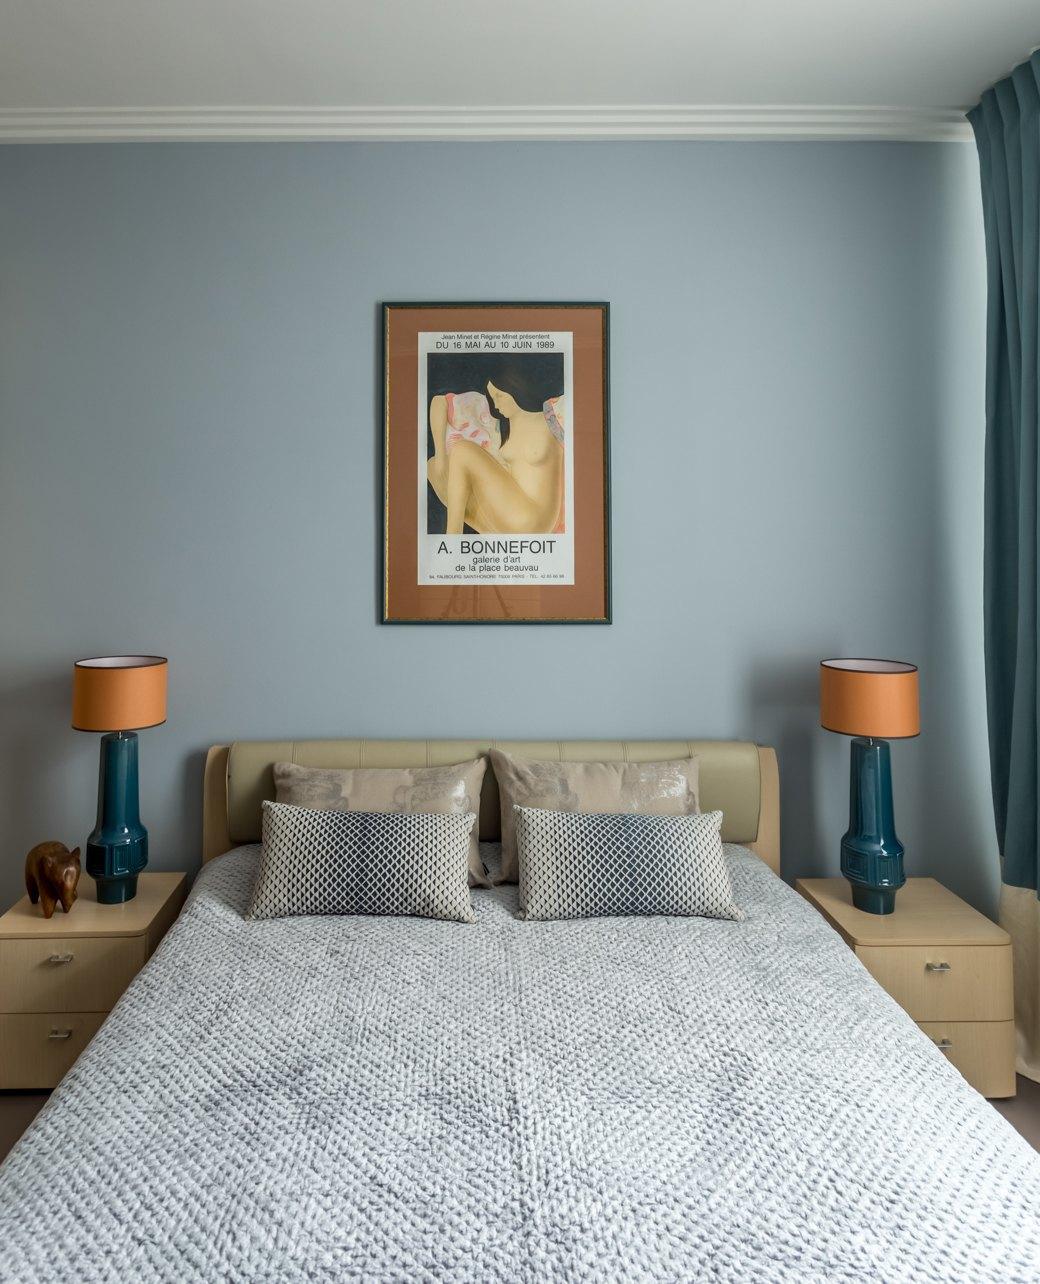 Квартира с яркими акцентами длябольшой семьи. Изображение № 10.